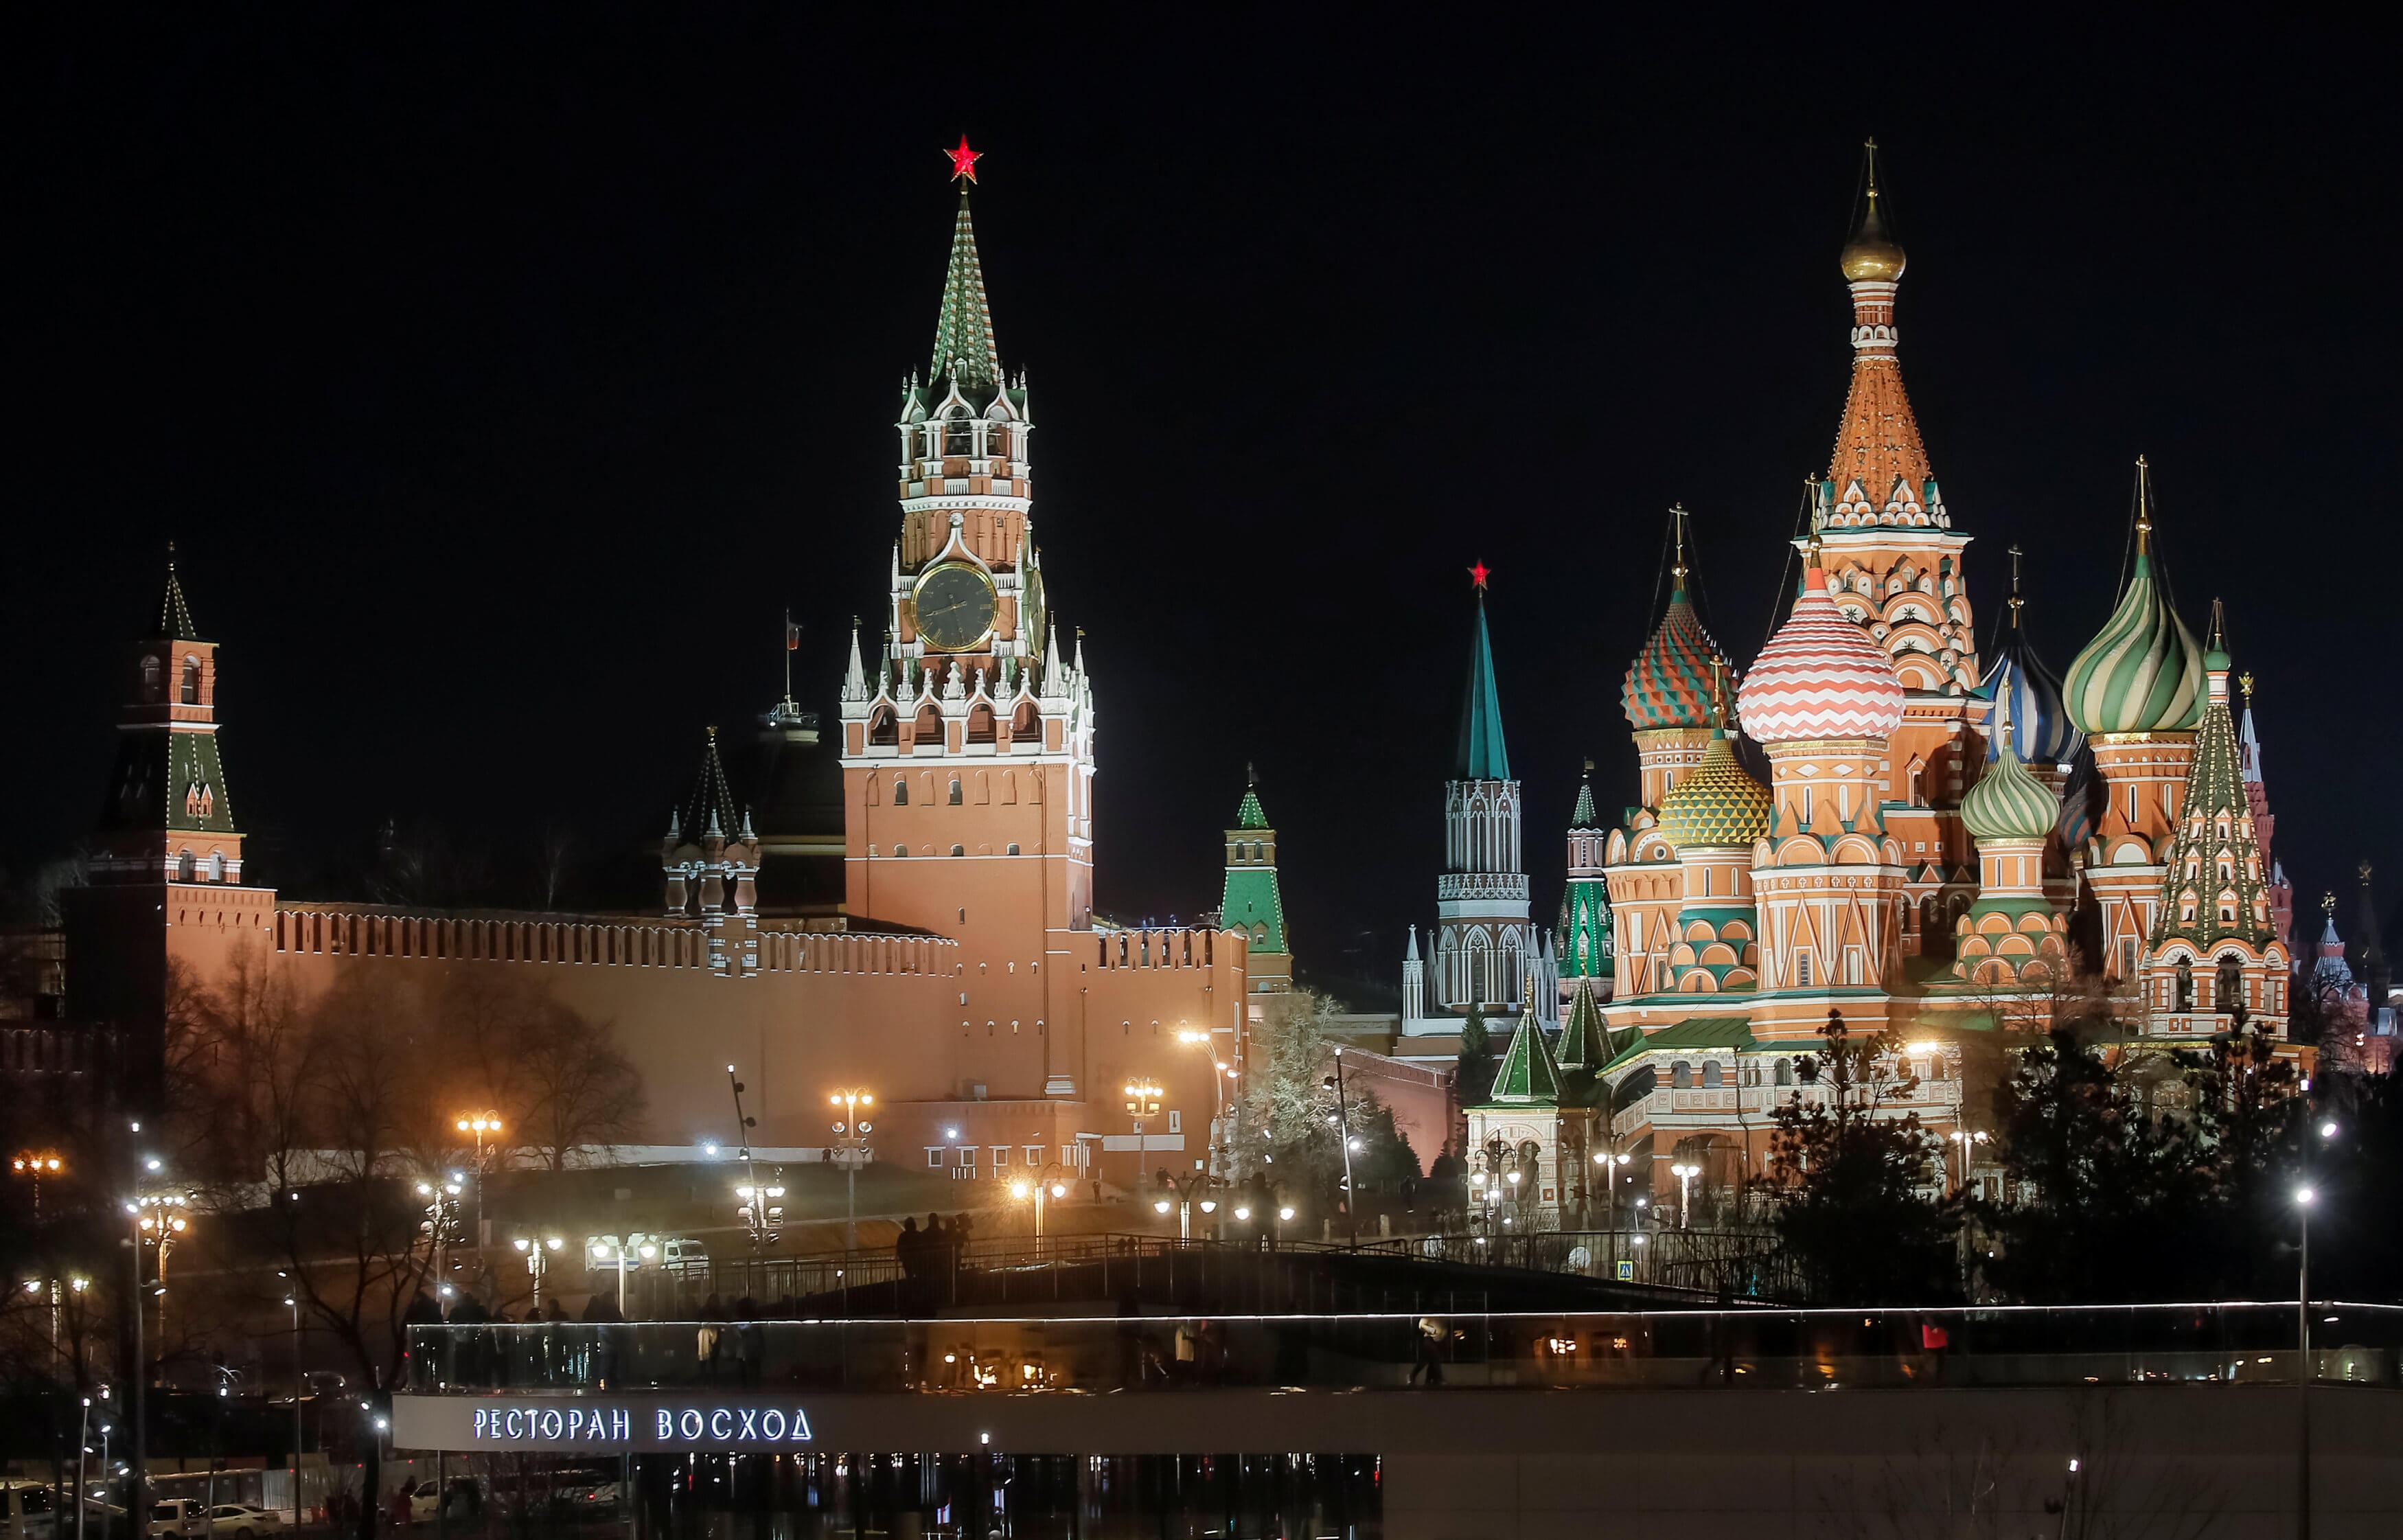 """Θεωρίες συνωμοσίας! Το """"τμήμα 29155"""" των ρωσικών μυστικών υπηρεσιών, οι New York Times και η απάντηση του Κρεμλίνου"""